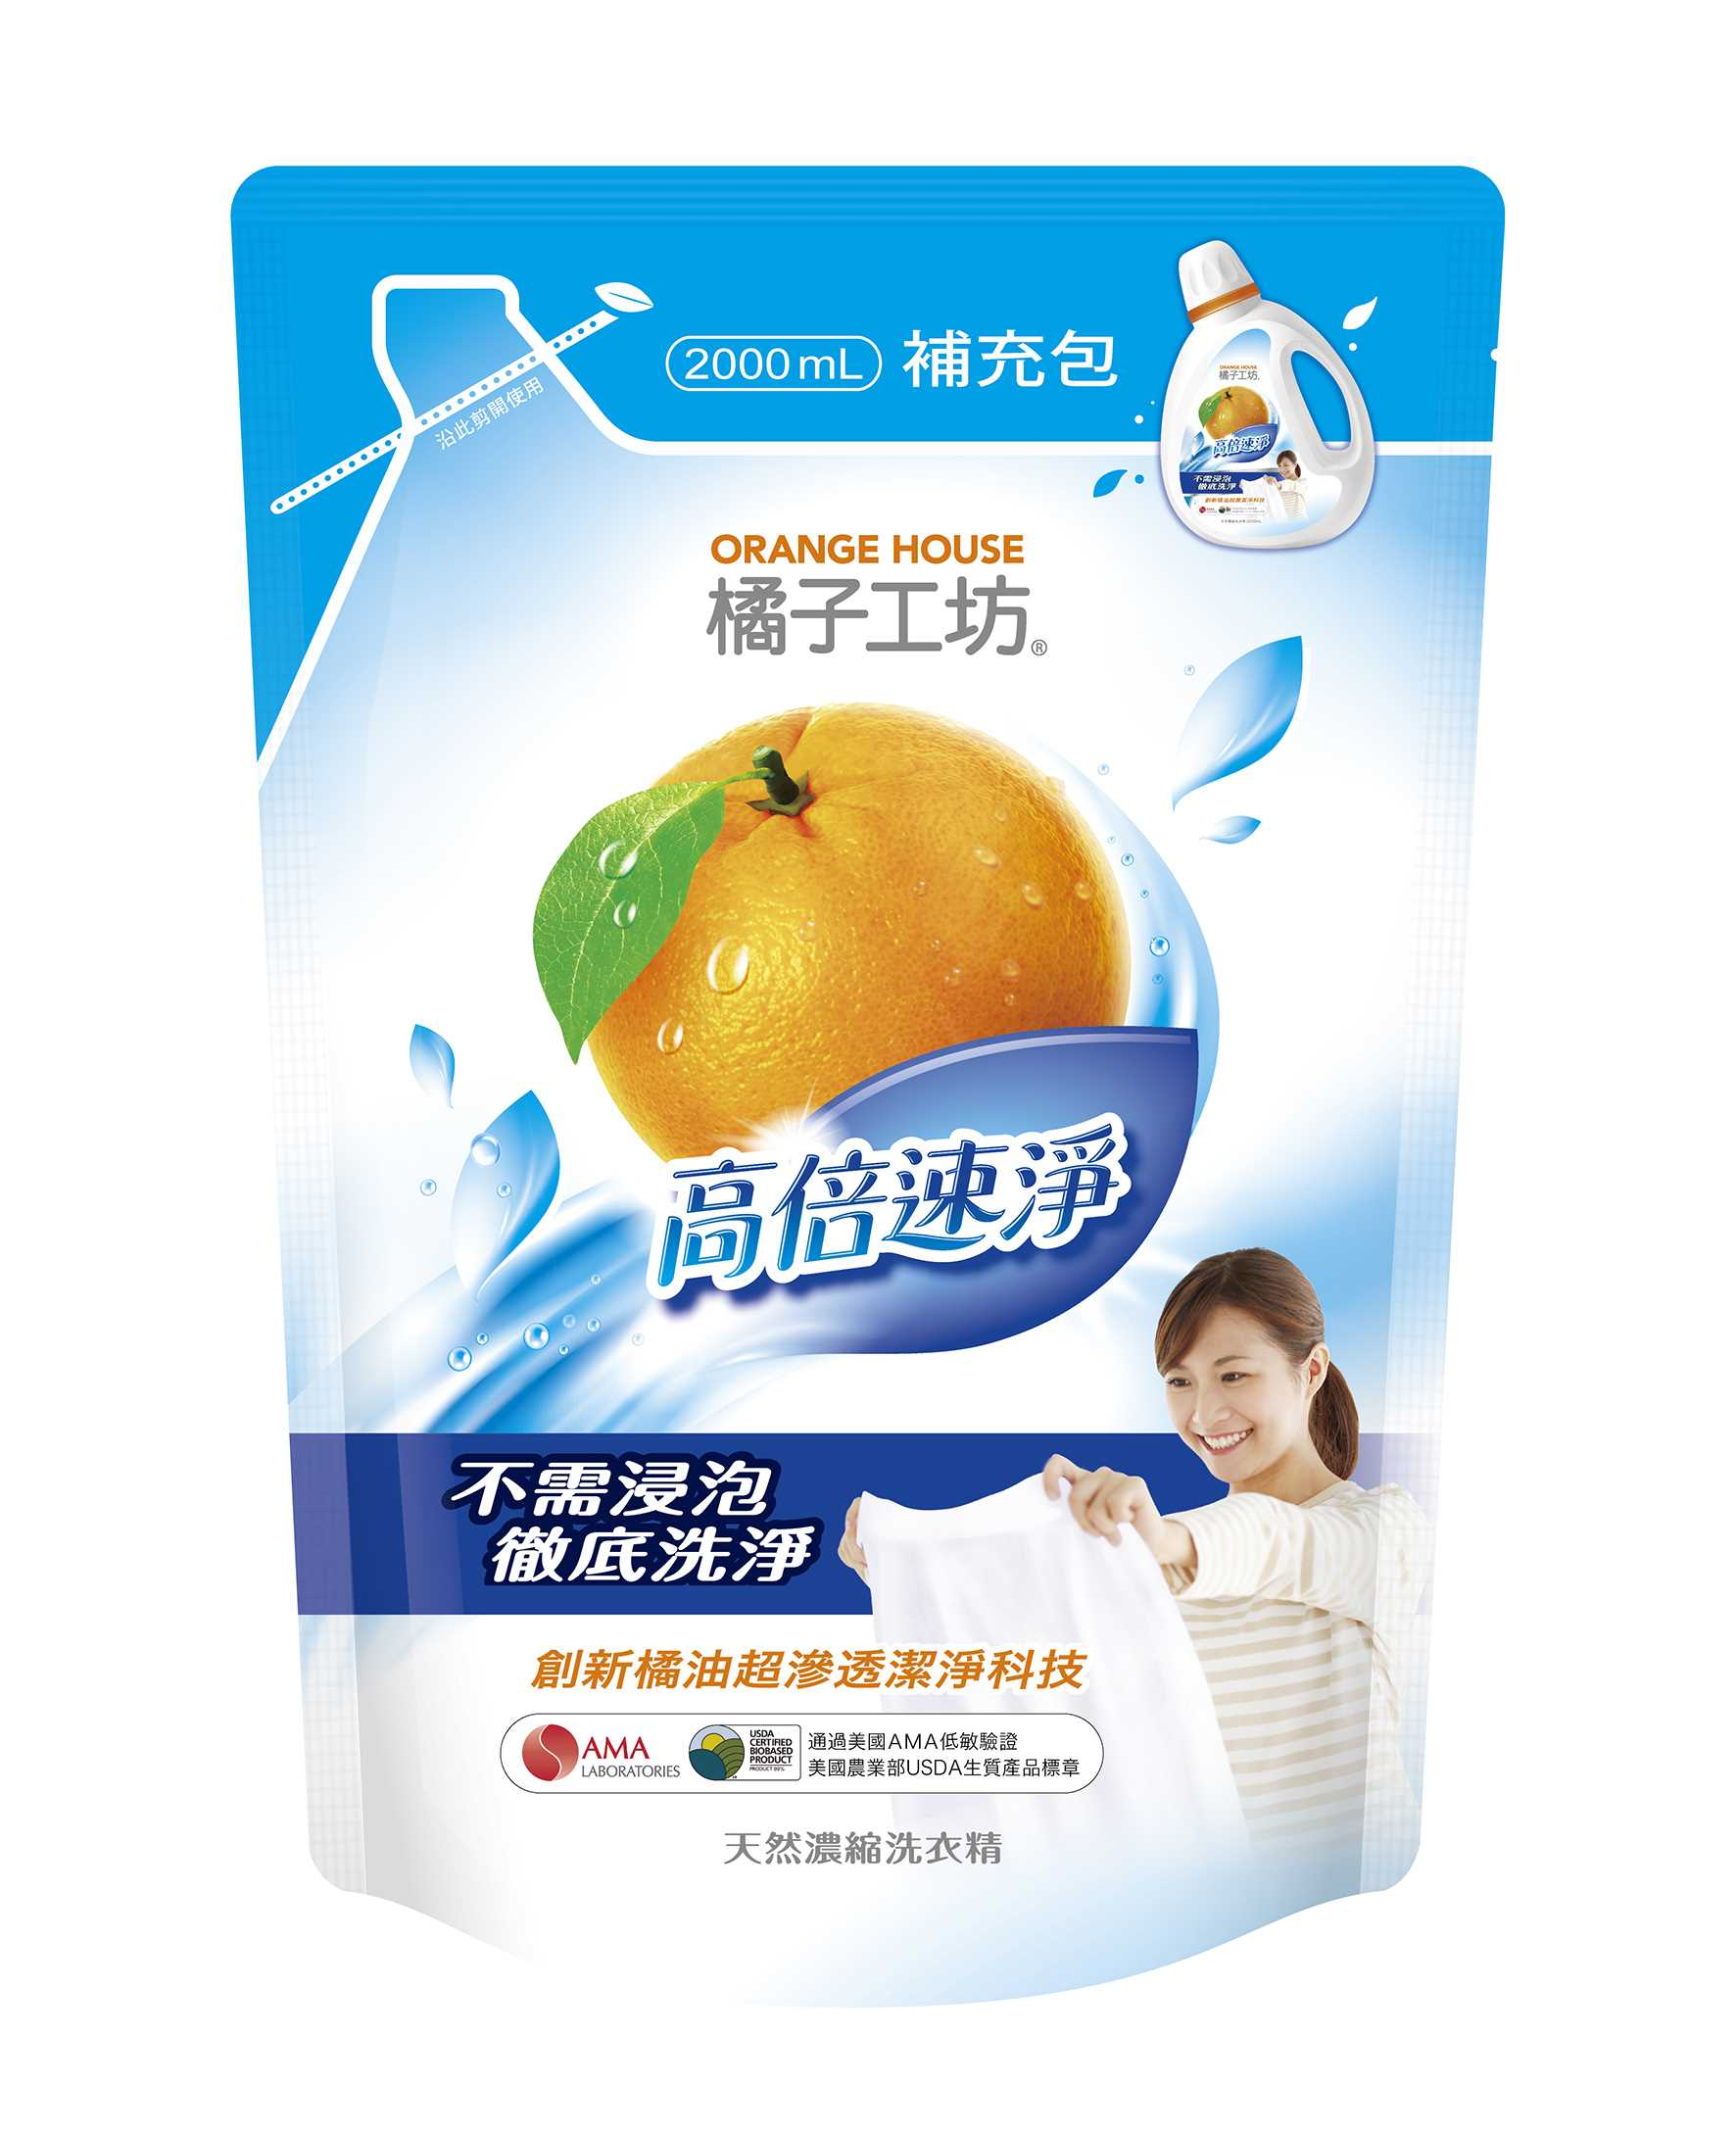 橘子工坊天然浓缩洗衣精补充包-高倍速淨2000ml